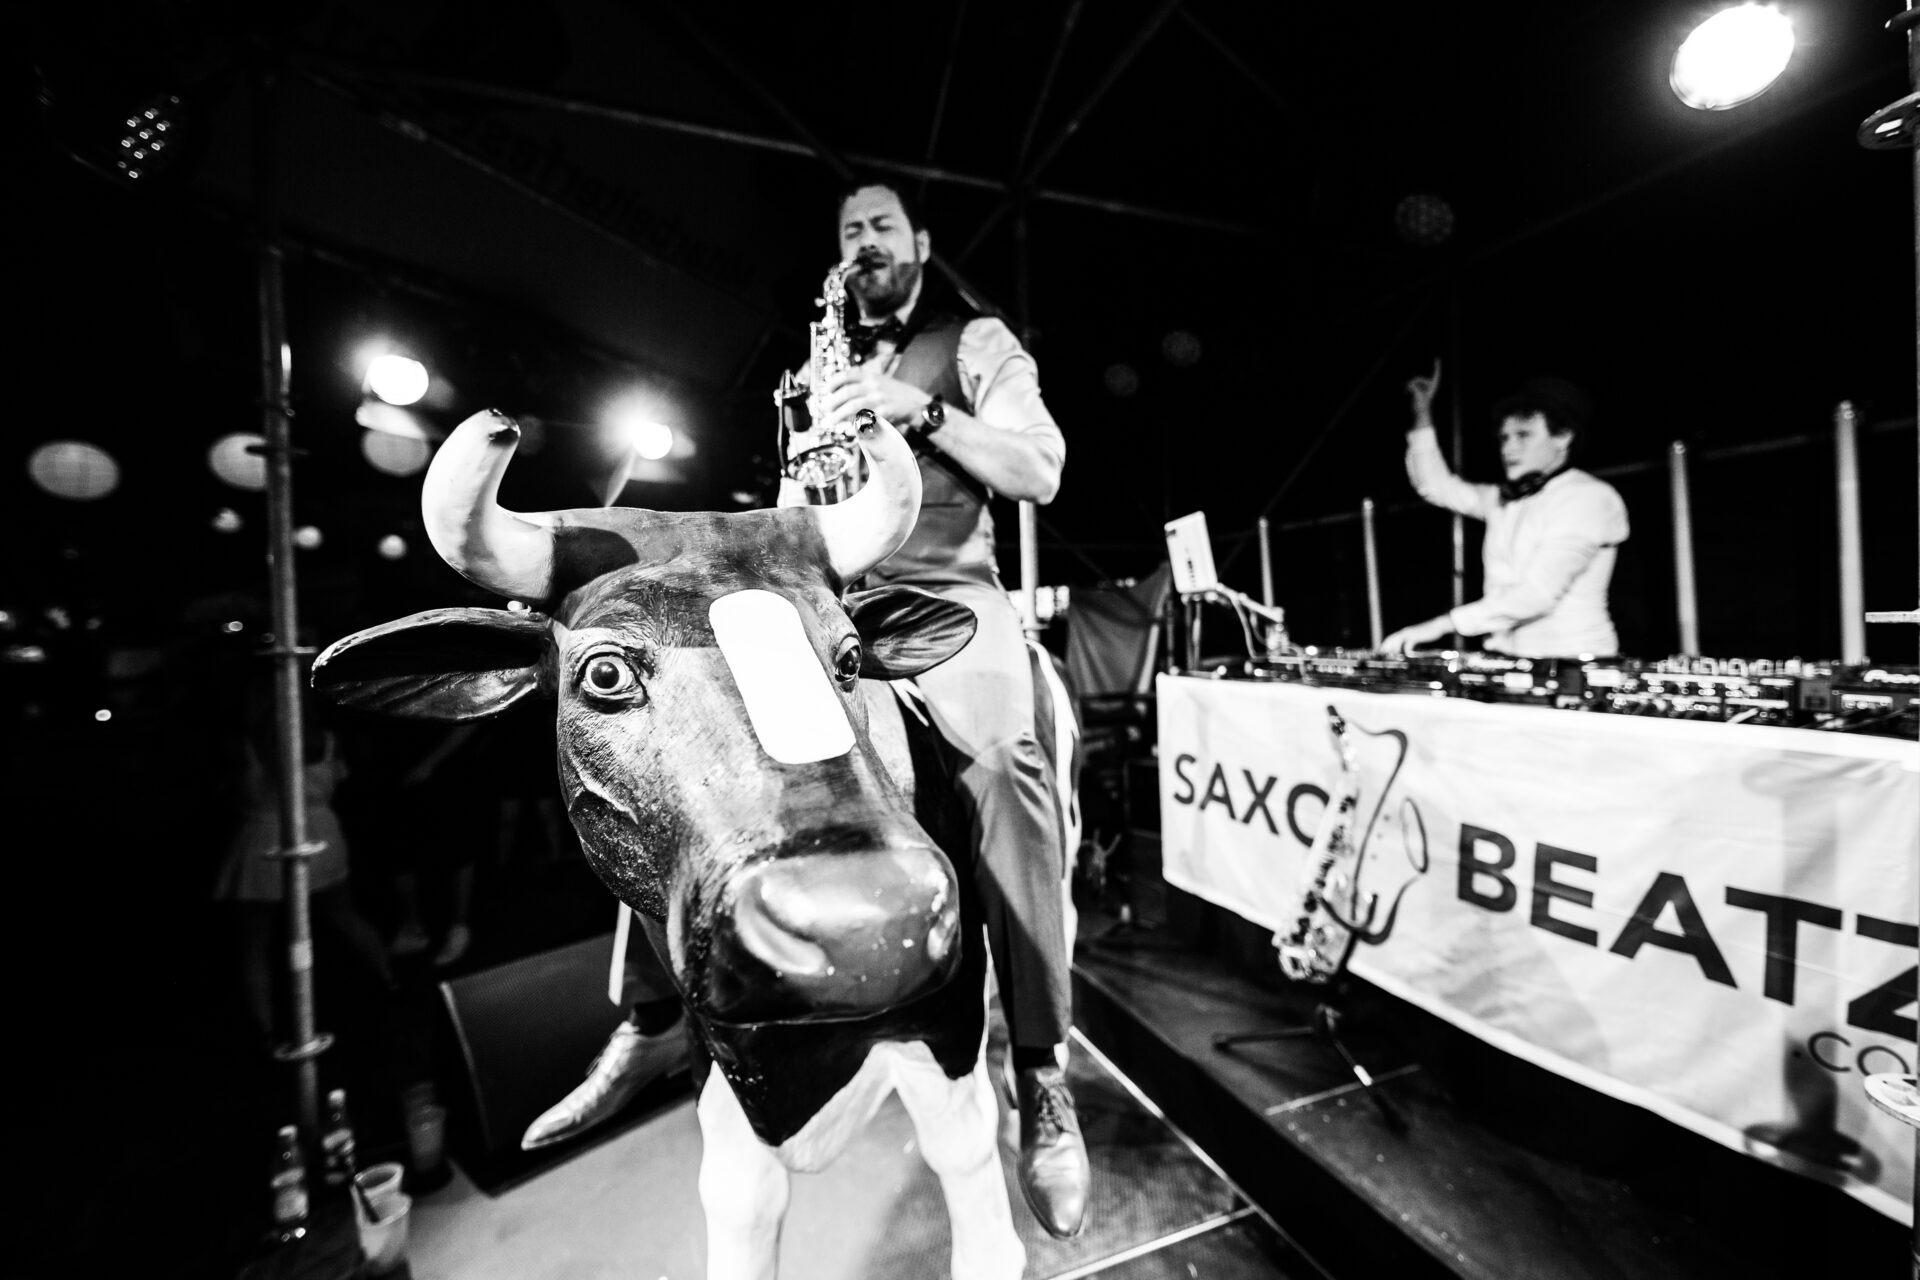 Saxophonist Adrian Planitz reitet eine Kuh - DJ Jörn Gropp im Hintergrund